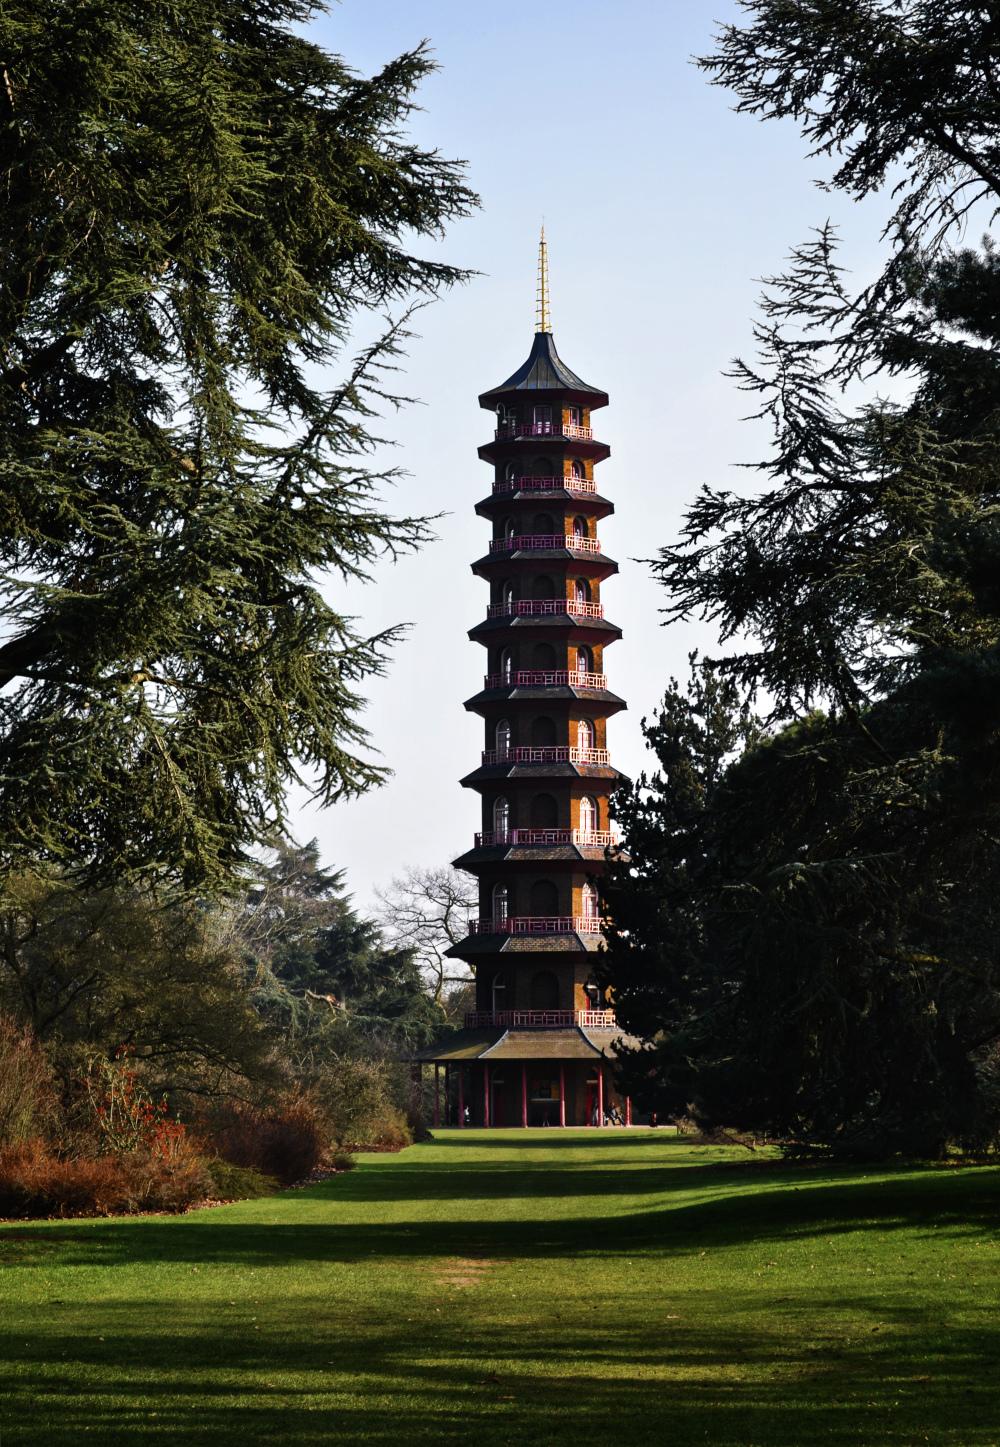 kew-gardens england garden pagoda